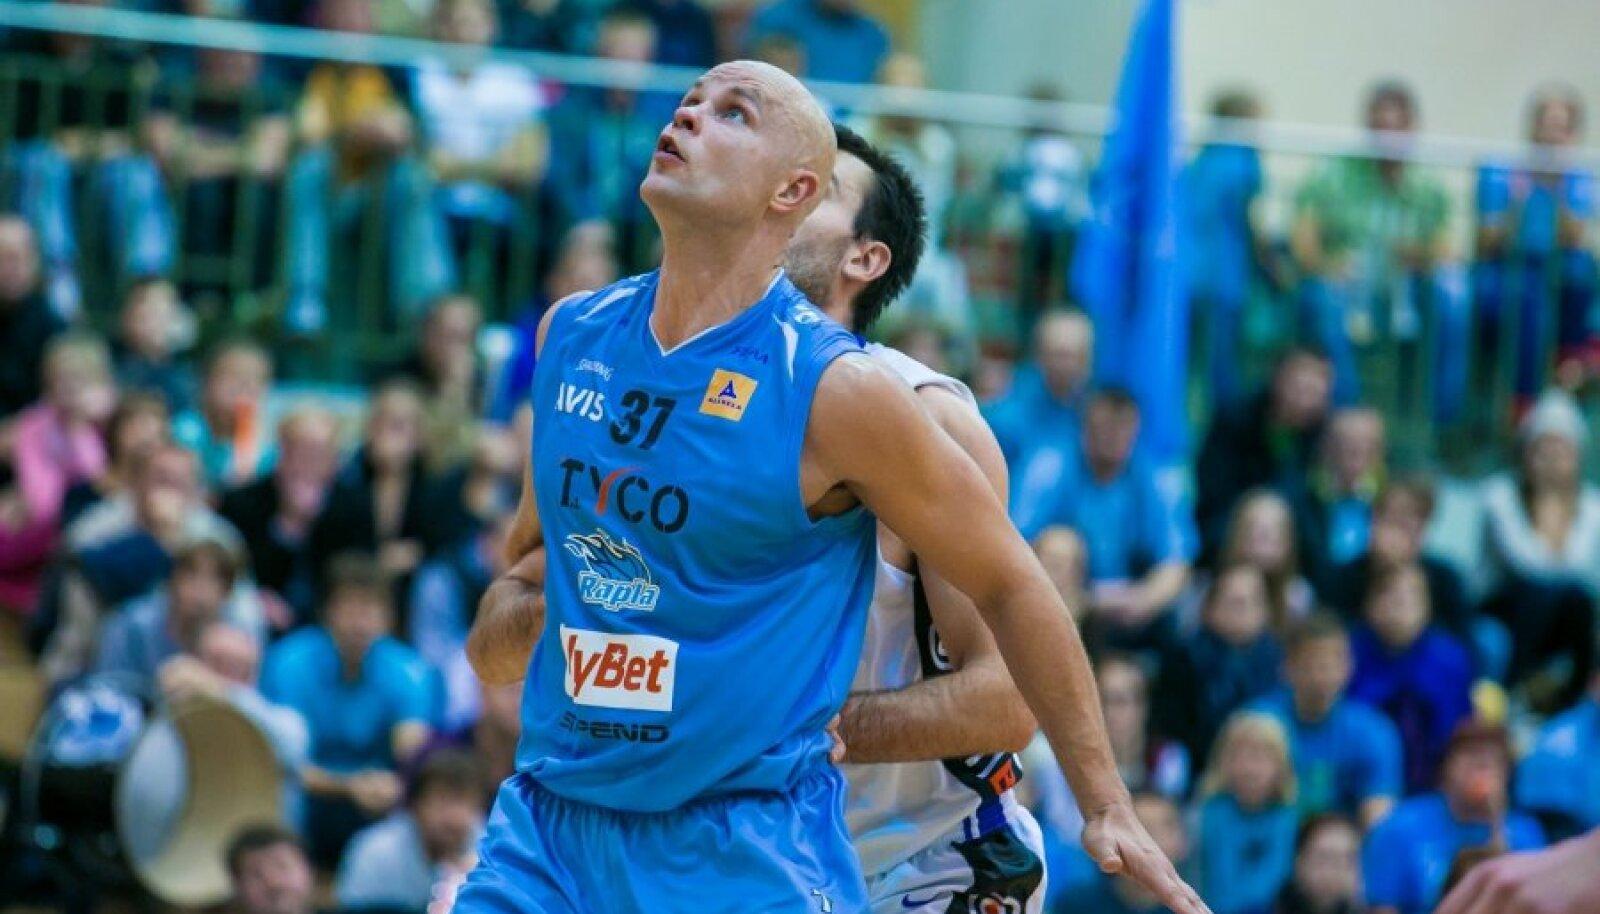 Andre Pärn